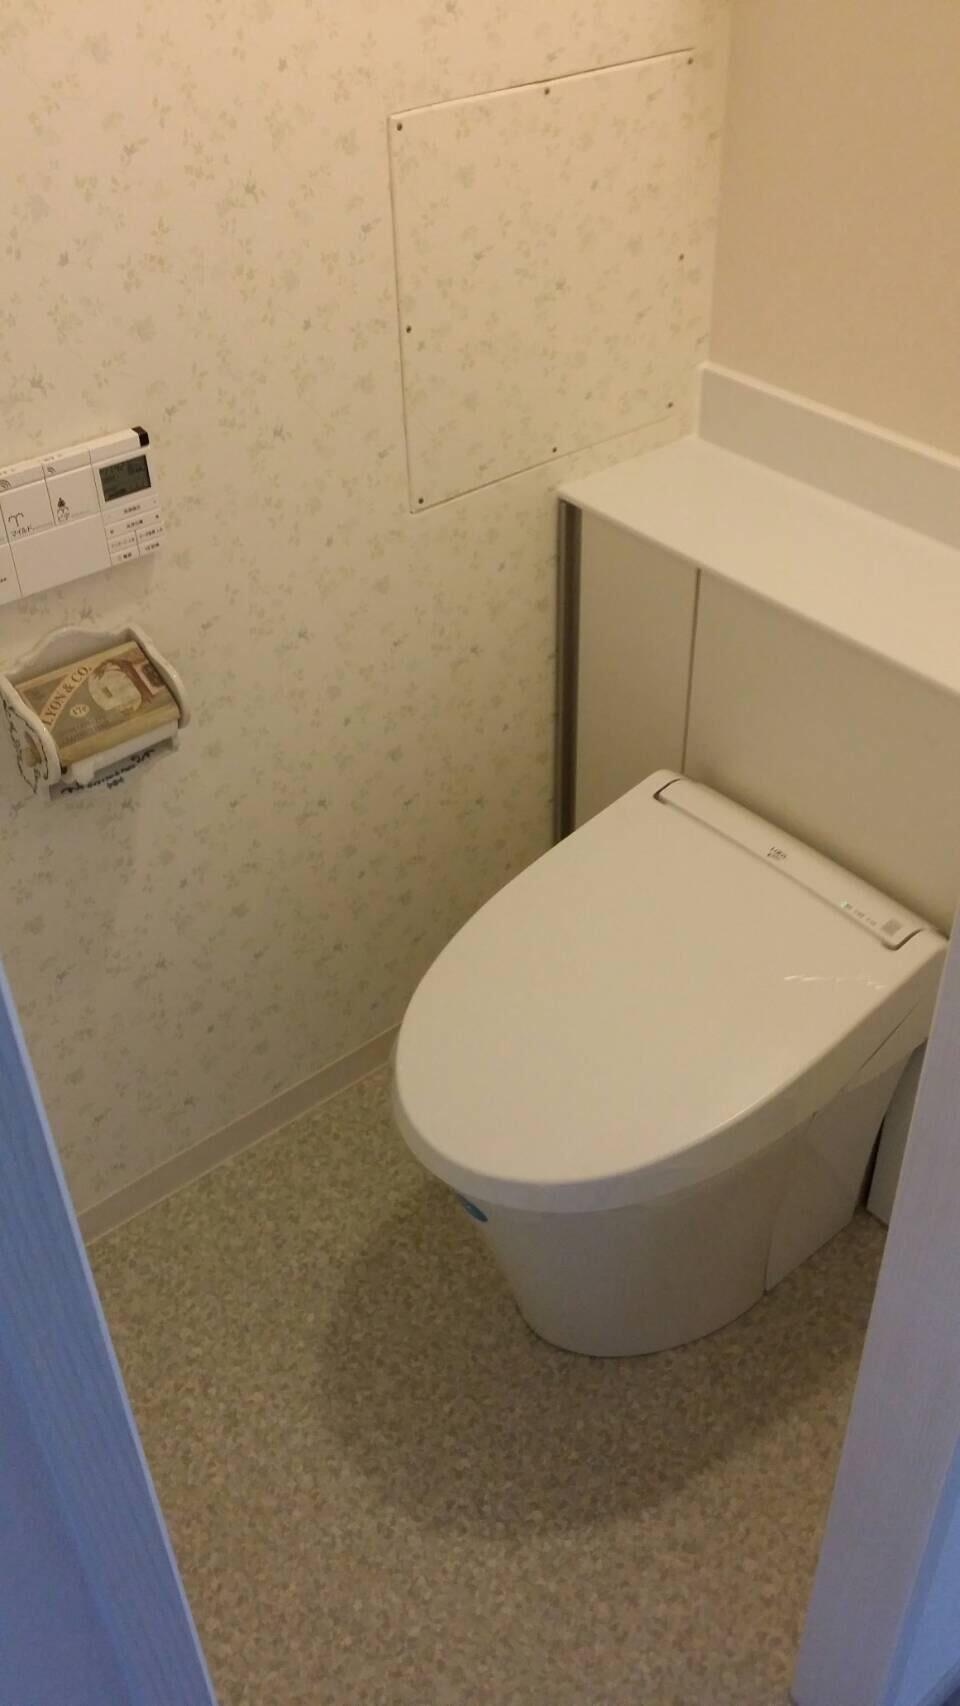 川西市多田 クロス貼替え工事 お部屋の雰囲気をガラッと変える輸入壁紙!